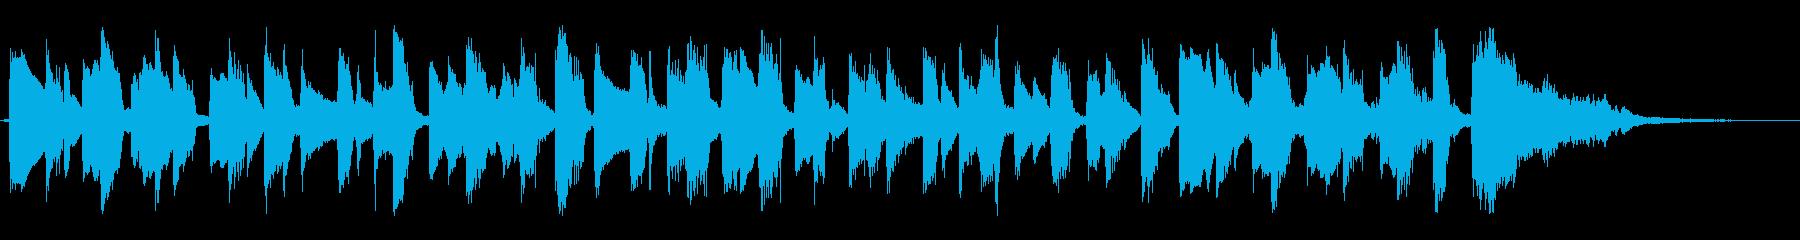 南国スティールパン ボサノバ  リゾートの再生済みの波形